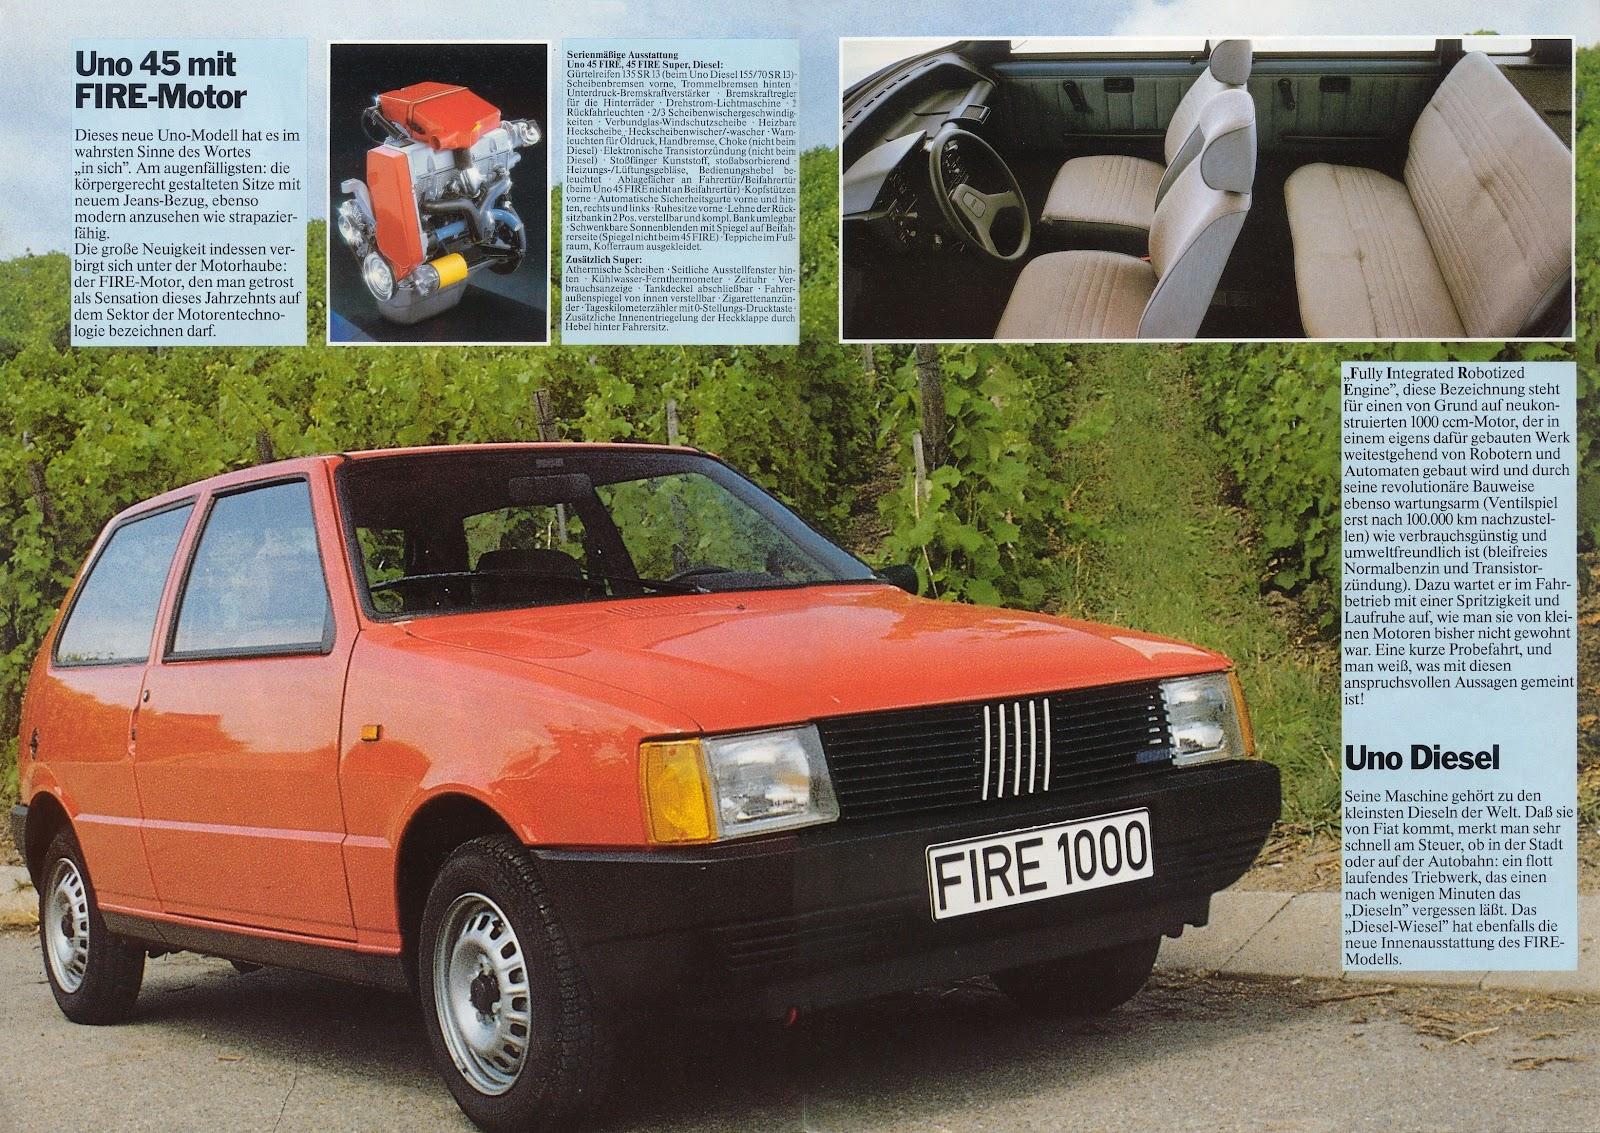 1986-Fiat-Uno-02.jpg